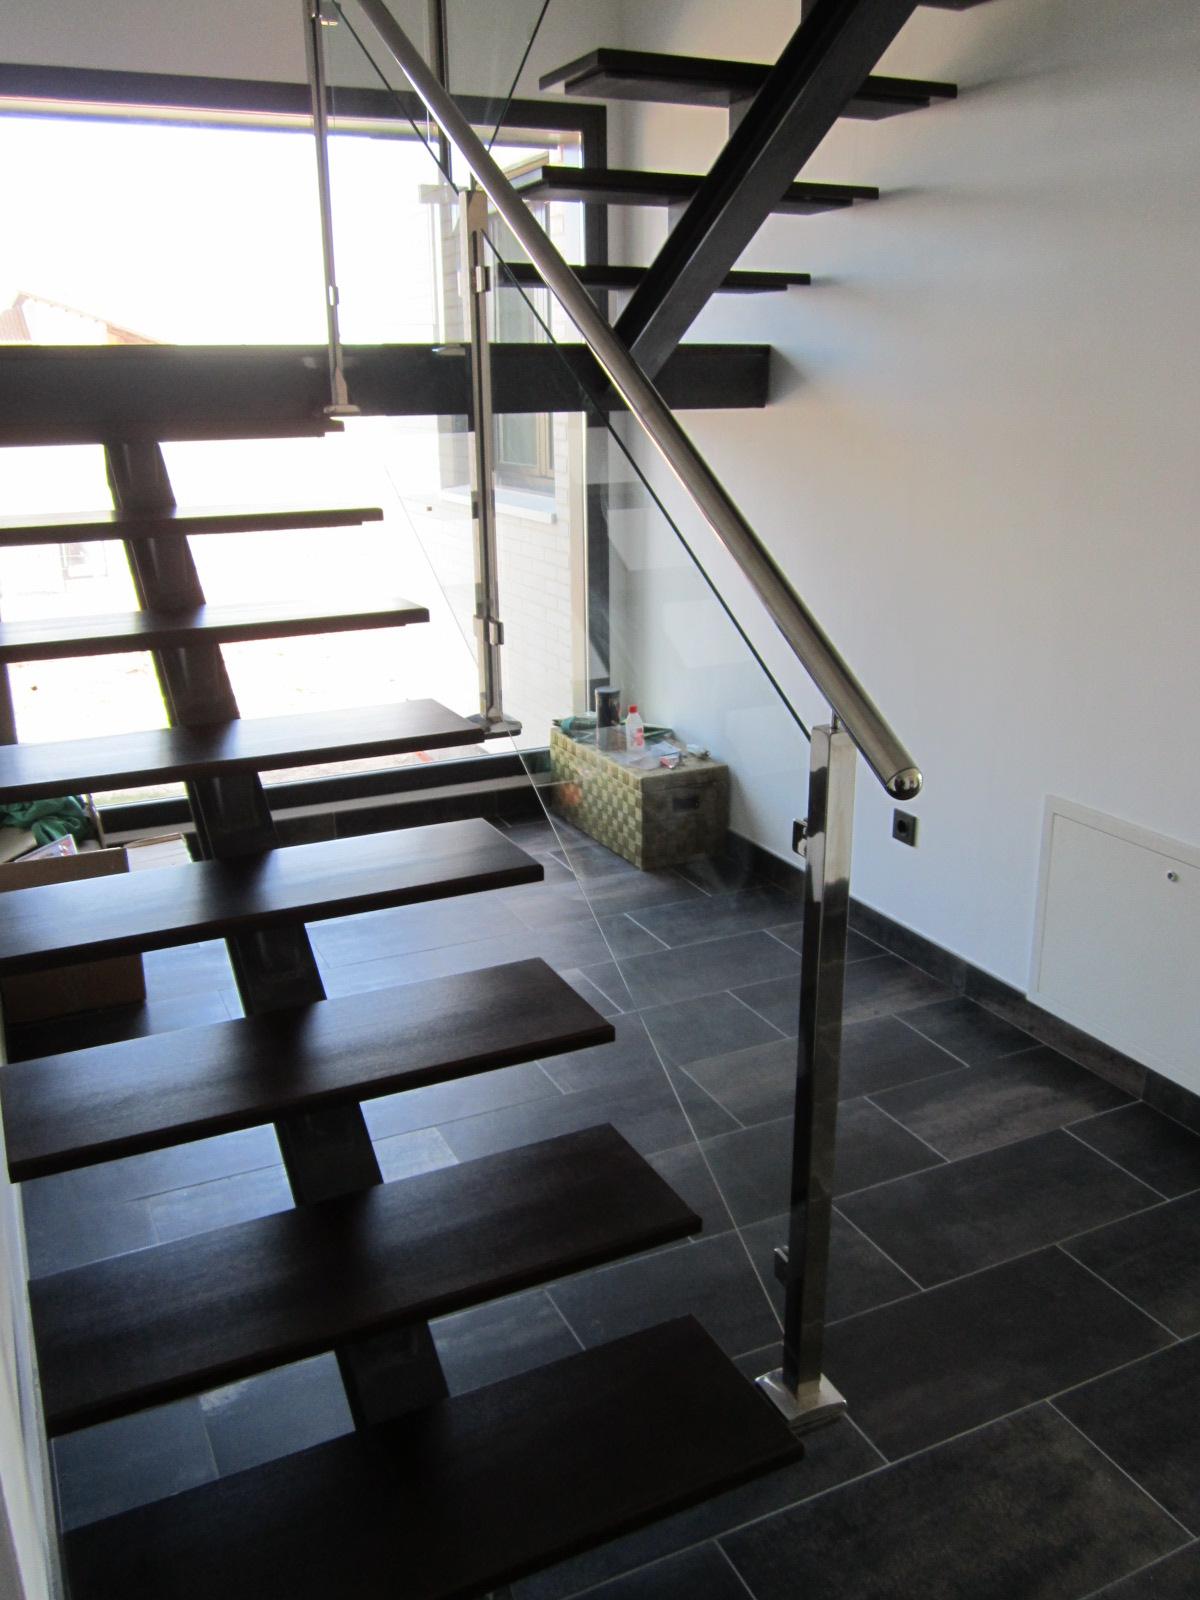 Norbel carpinteria met lica y acero inoxidable escalera - Escaleras de peldanos ...